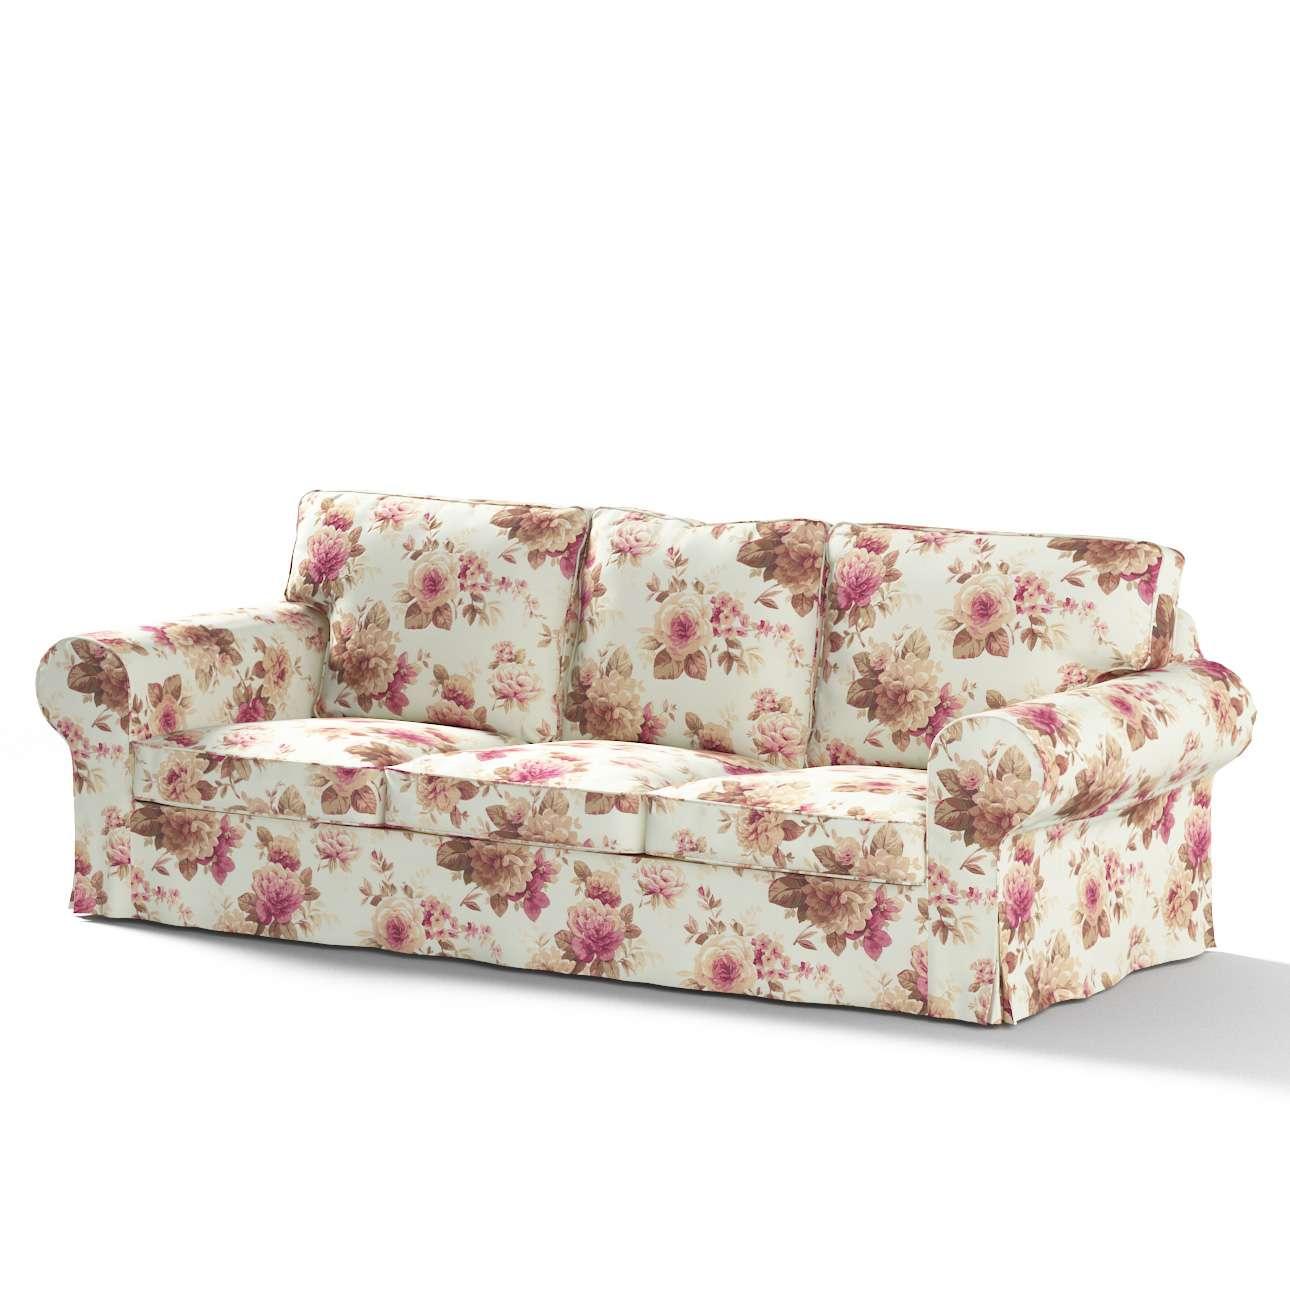 Ektorp trivietės sofos-lovos užvalkalas Ektorp trivietė sofa-lova kolekcijoje Mirella, audinys: 141-06